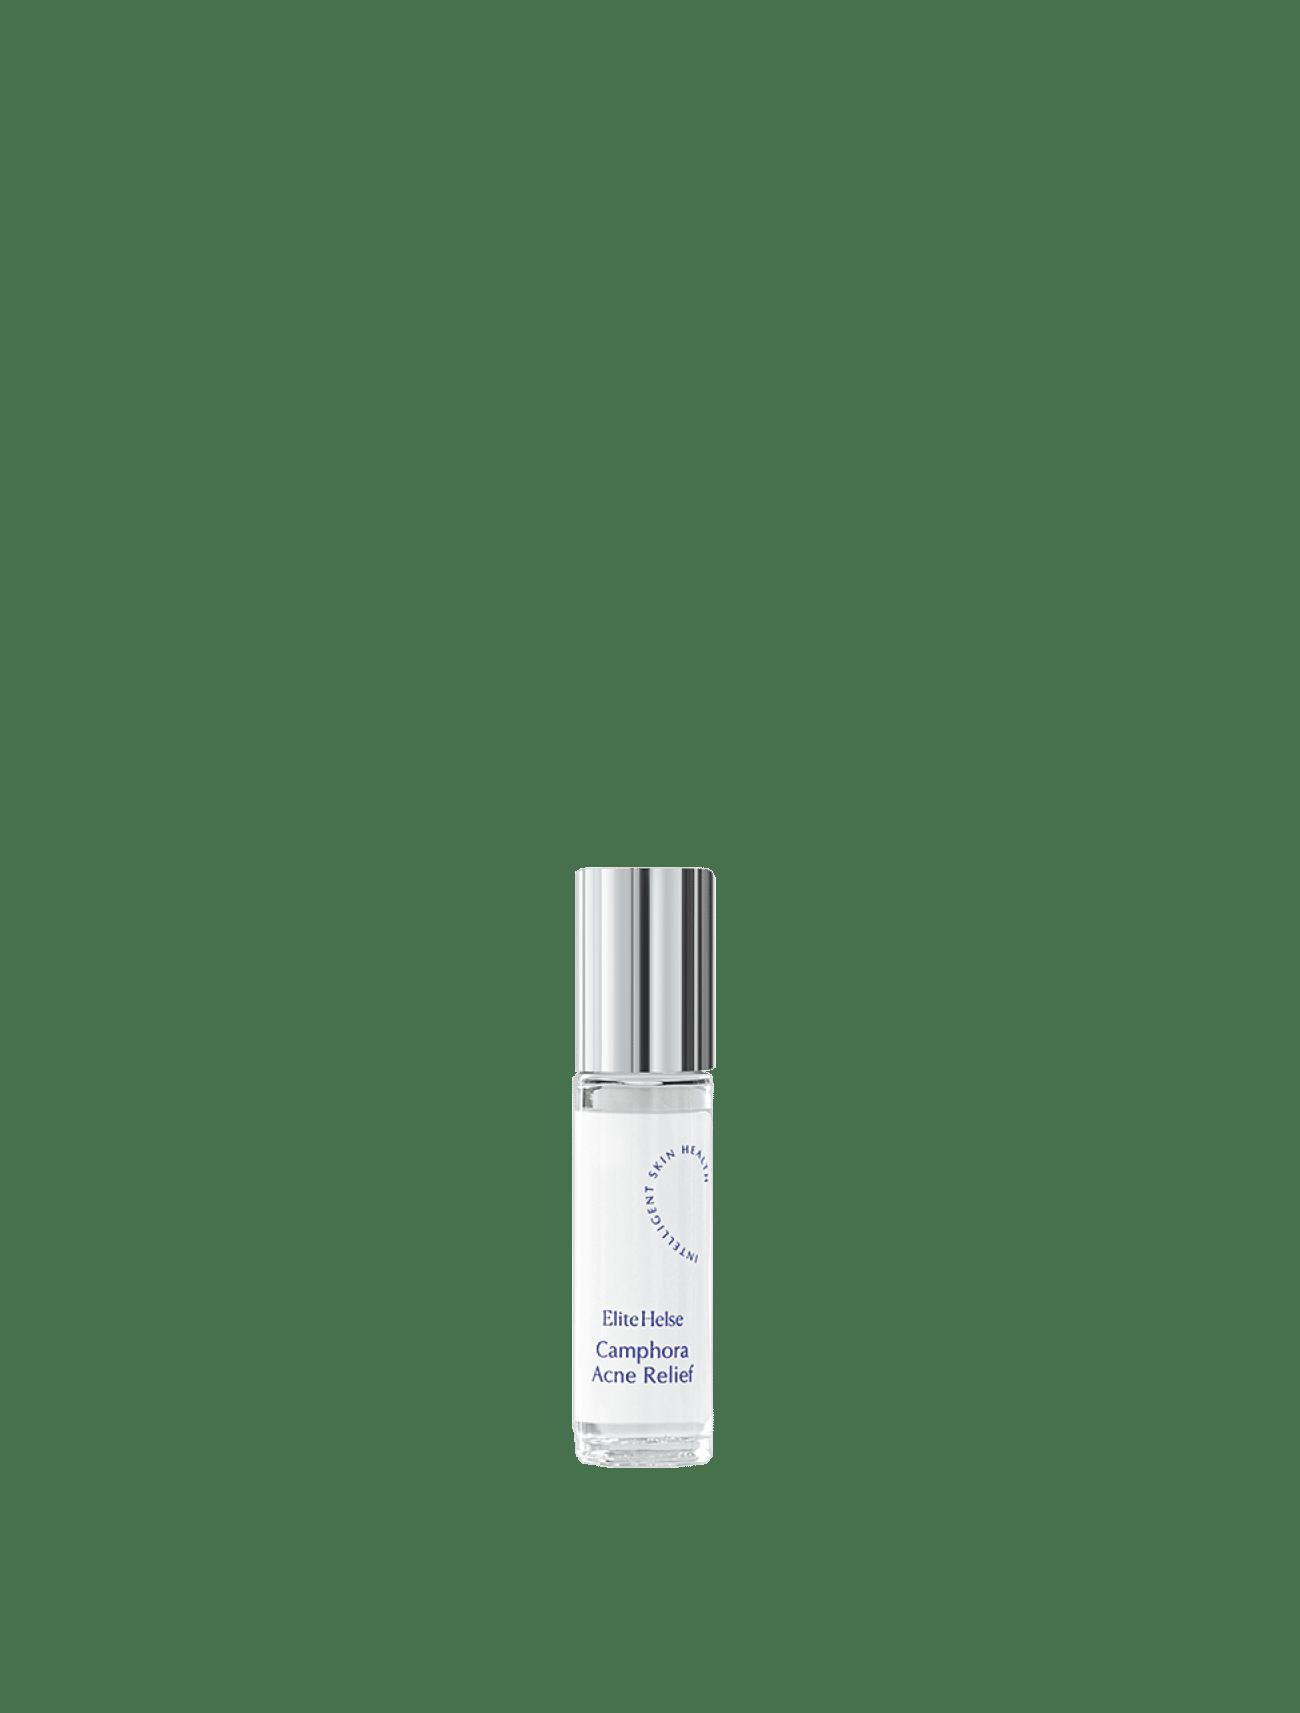 Camphora Acne Relief